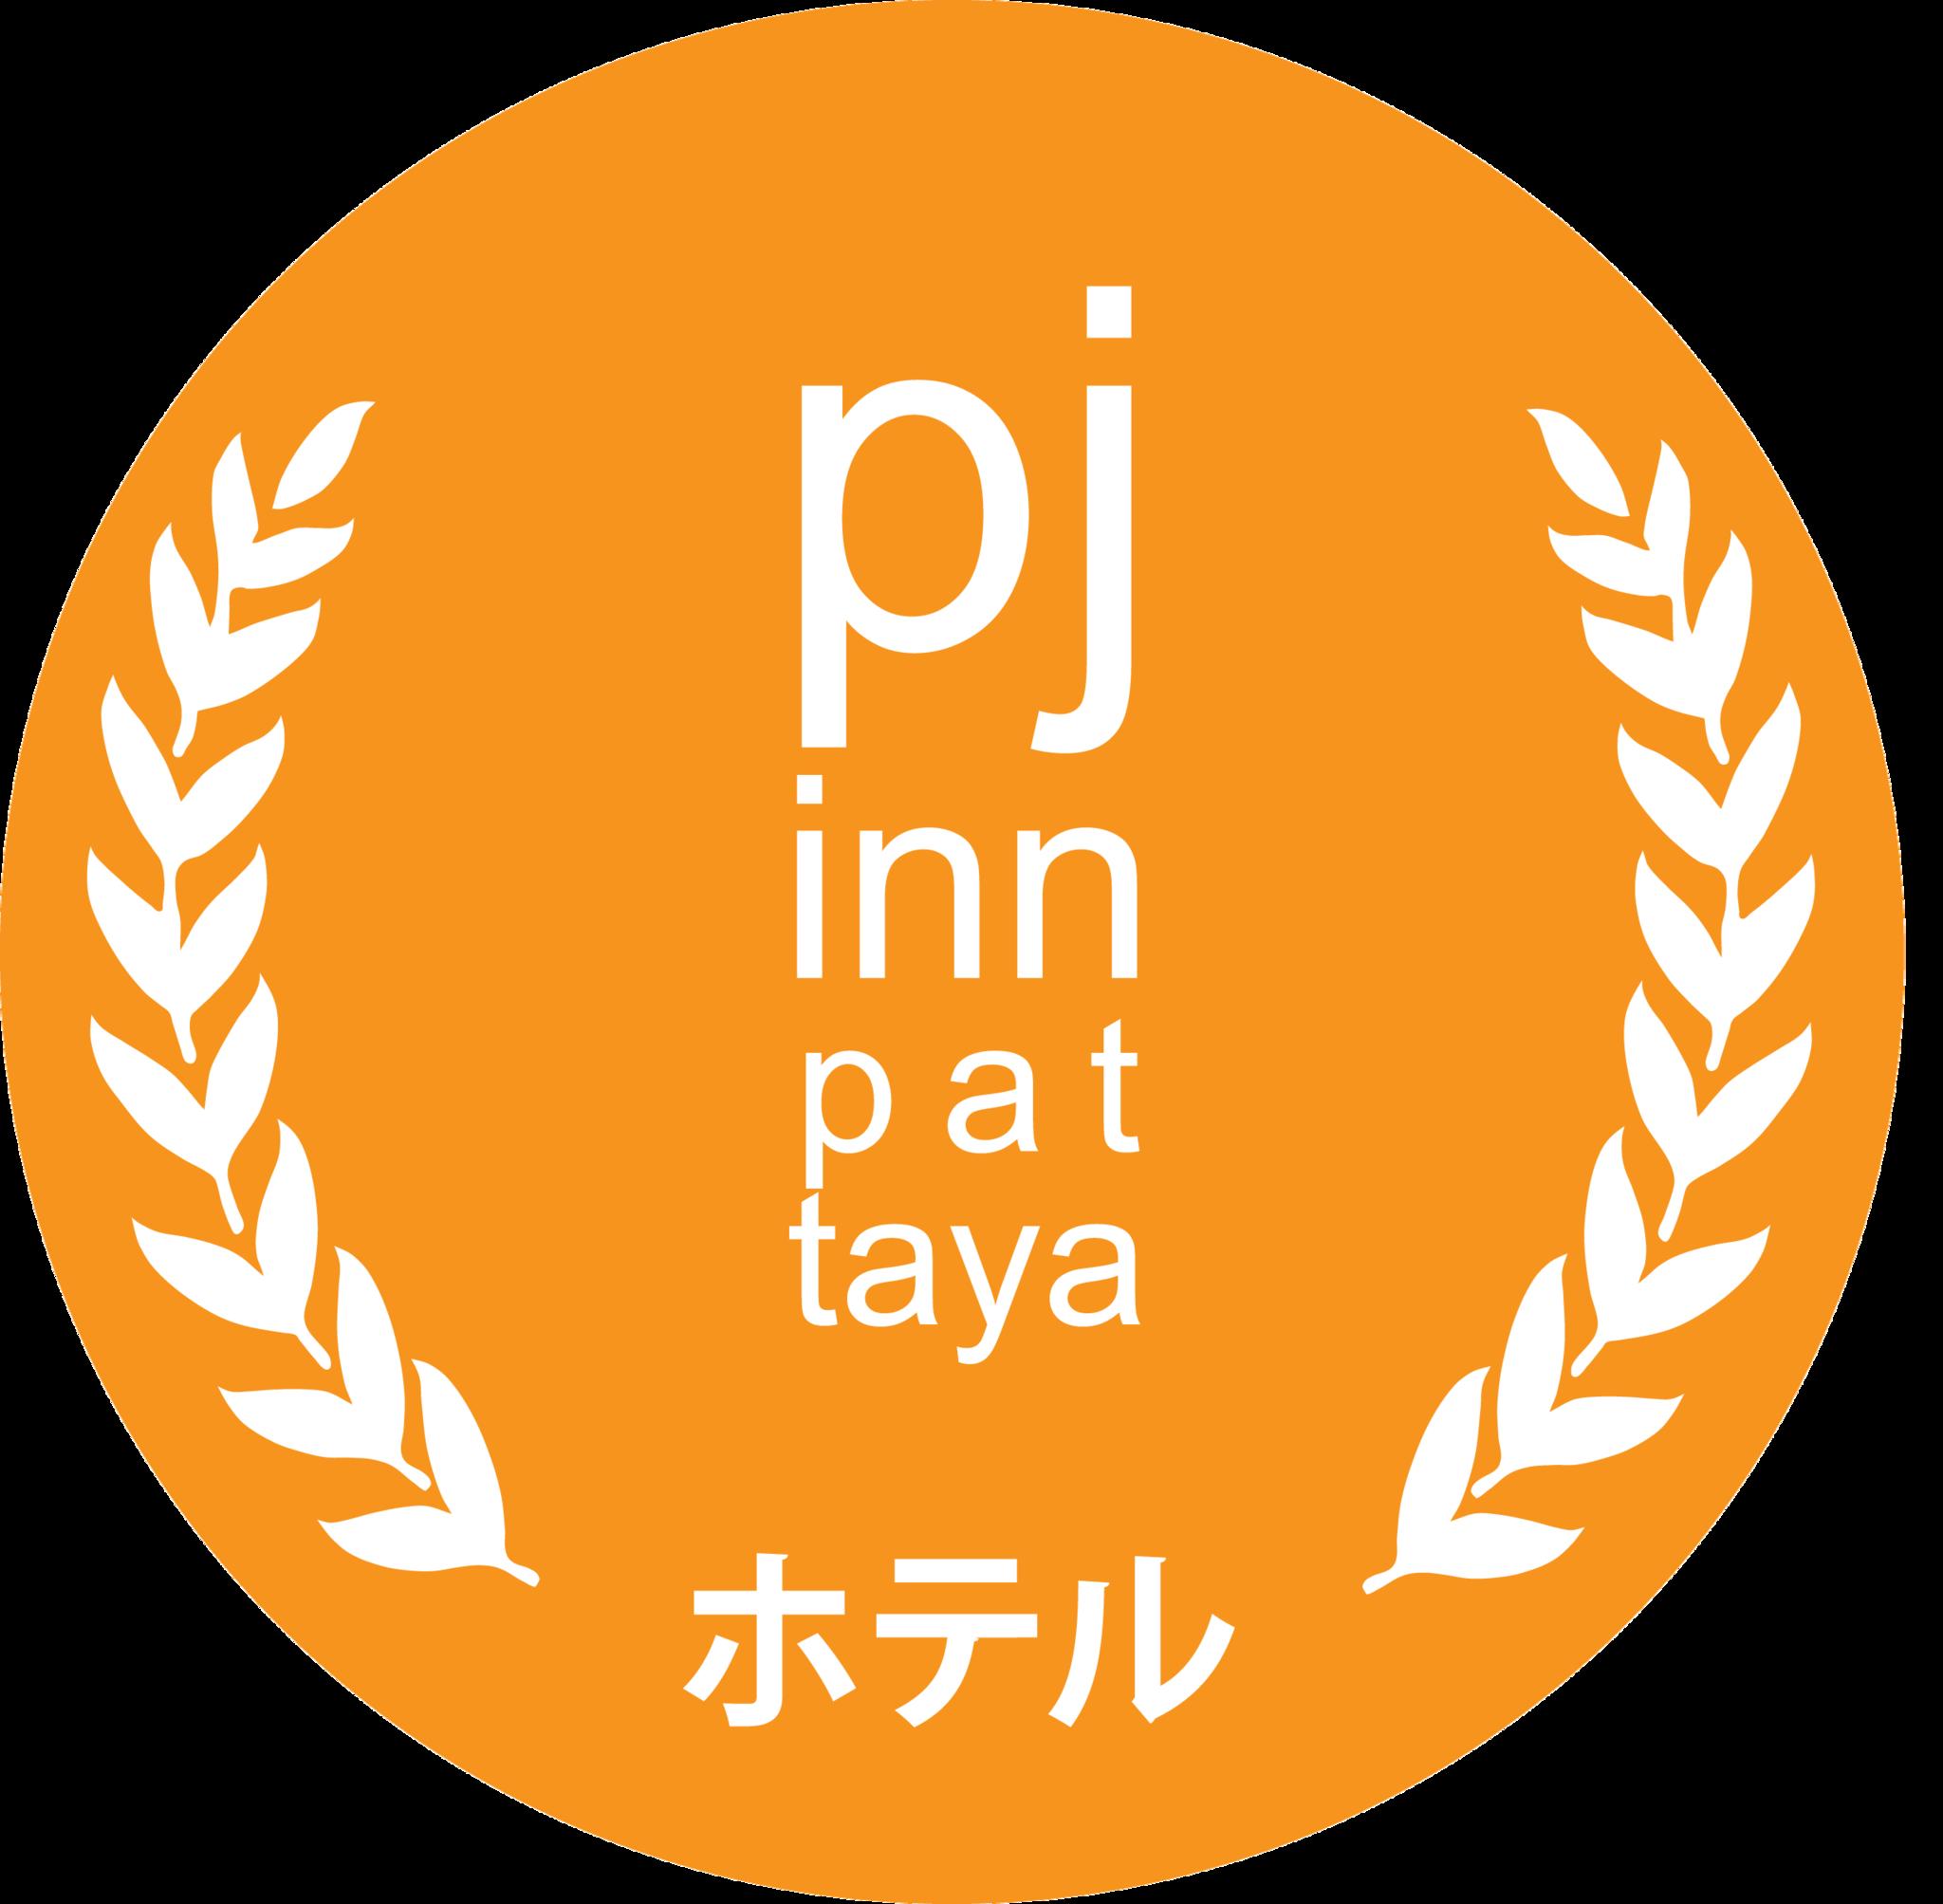 PJ 인 파타야